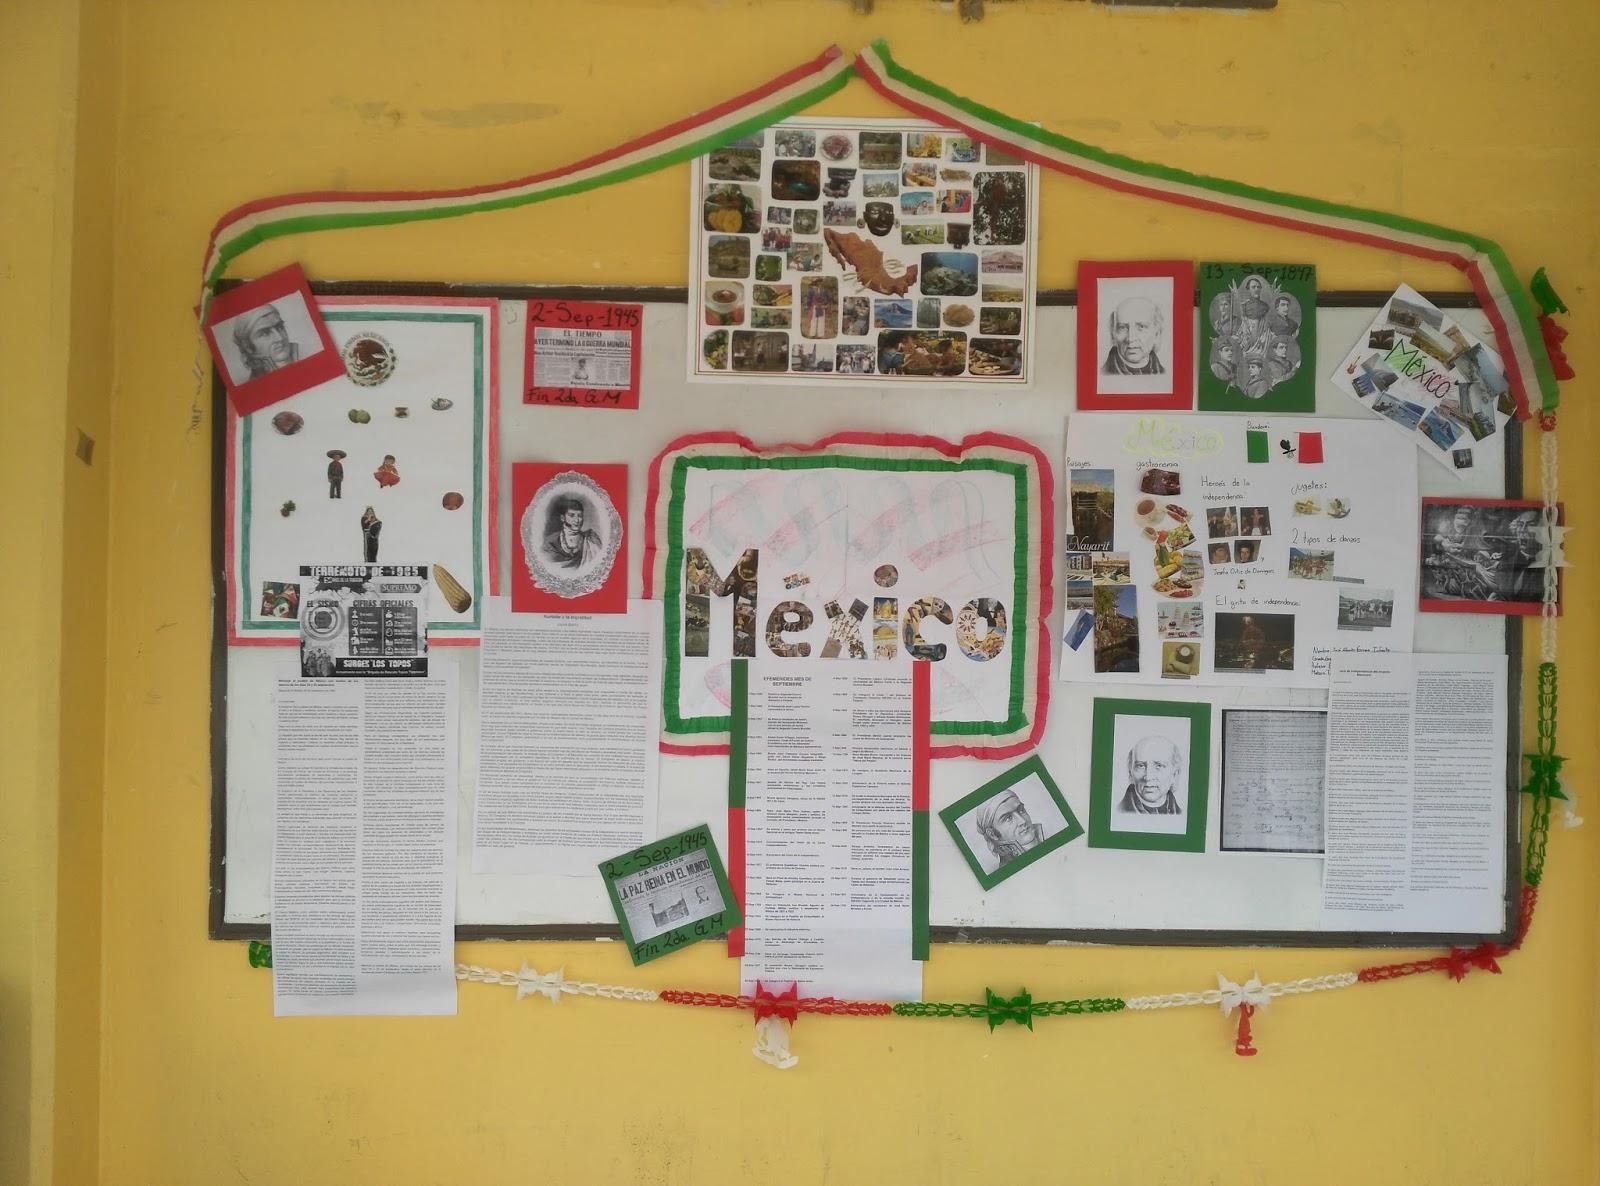 El blog de historia de los alumnos de la secundaria 231 for Caracteristicas del periodico mural